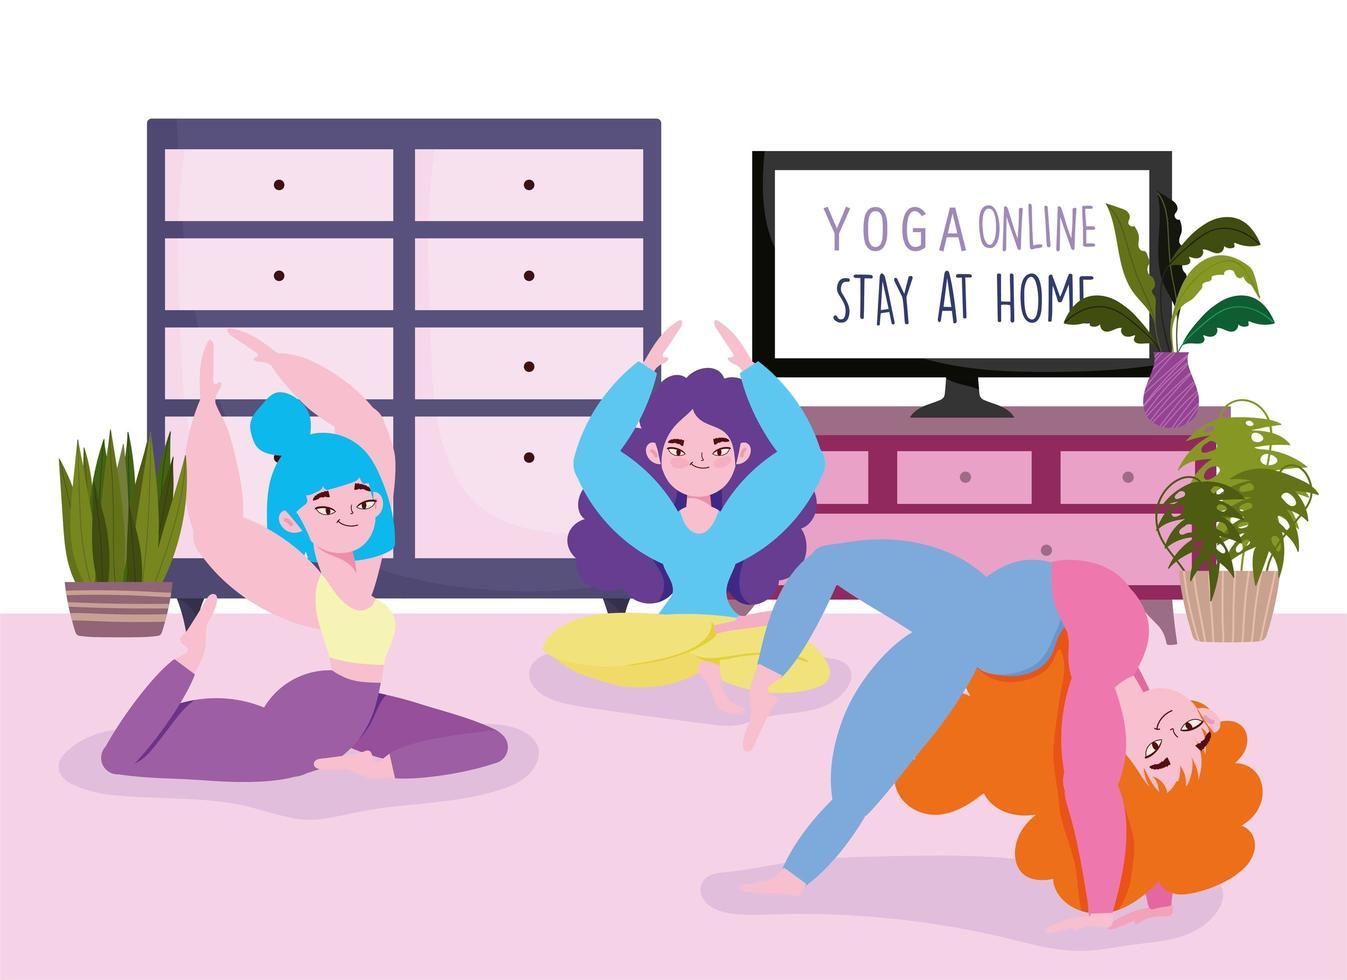 Online-Yoga, junge Frauen im Raum, die verschiedene Yoga-Posen praktizieren vektor